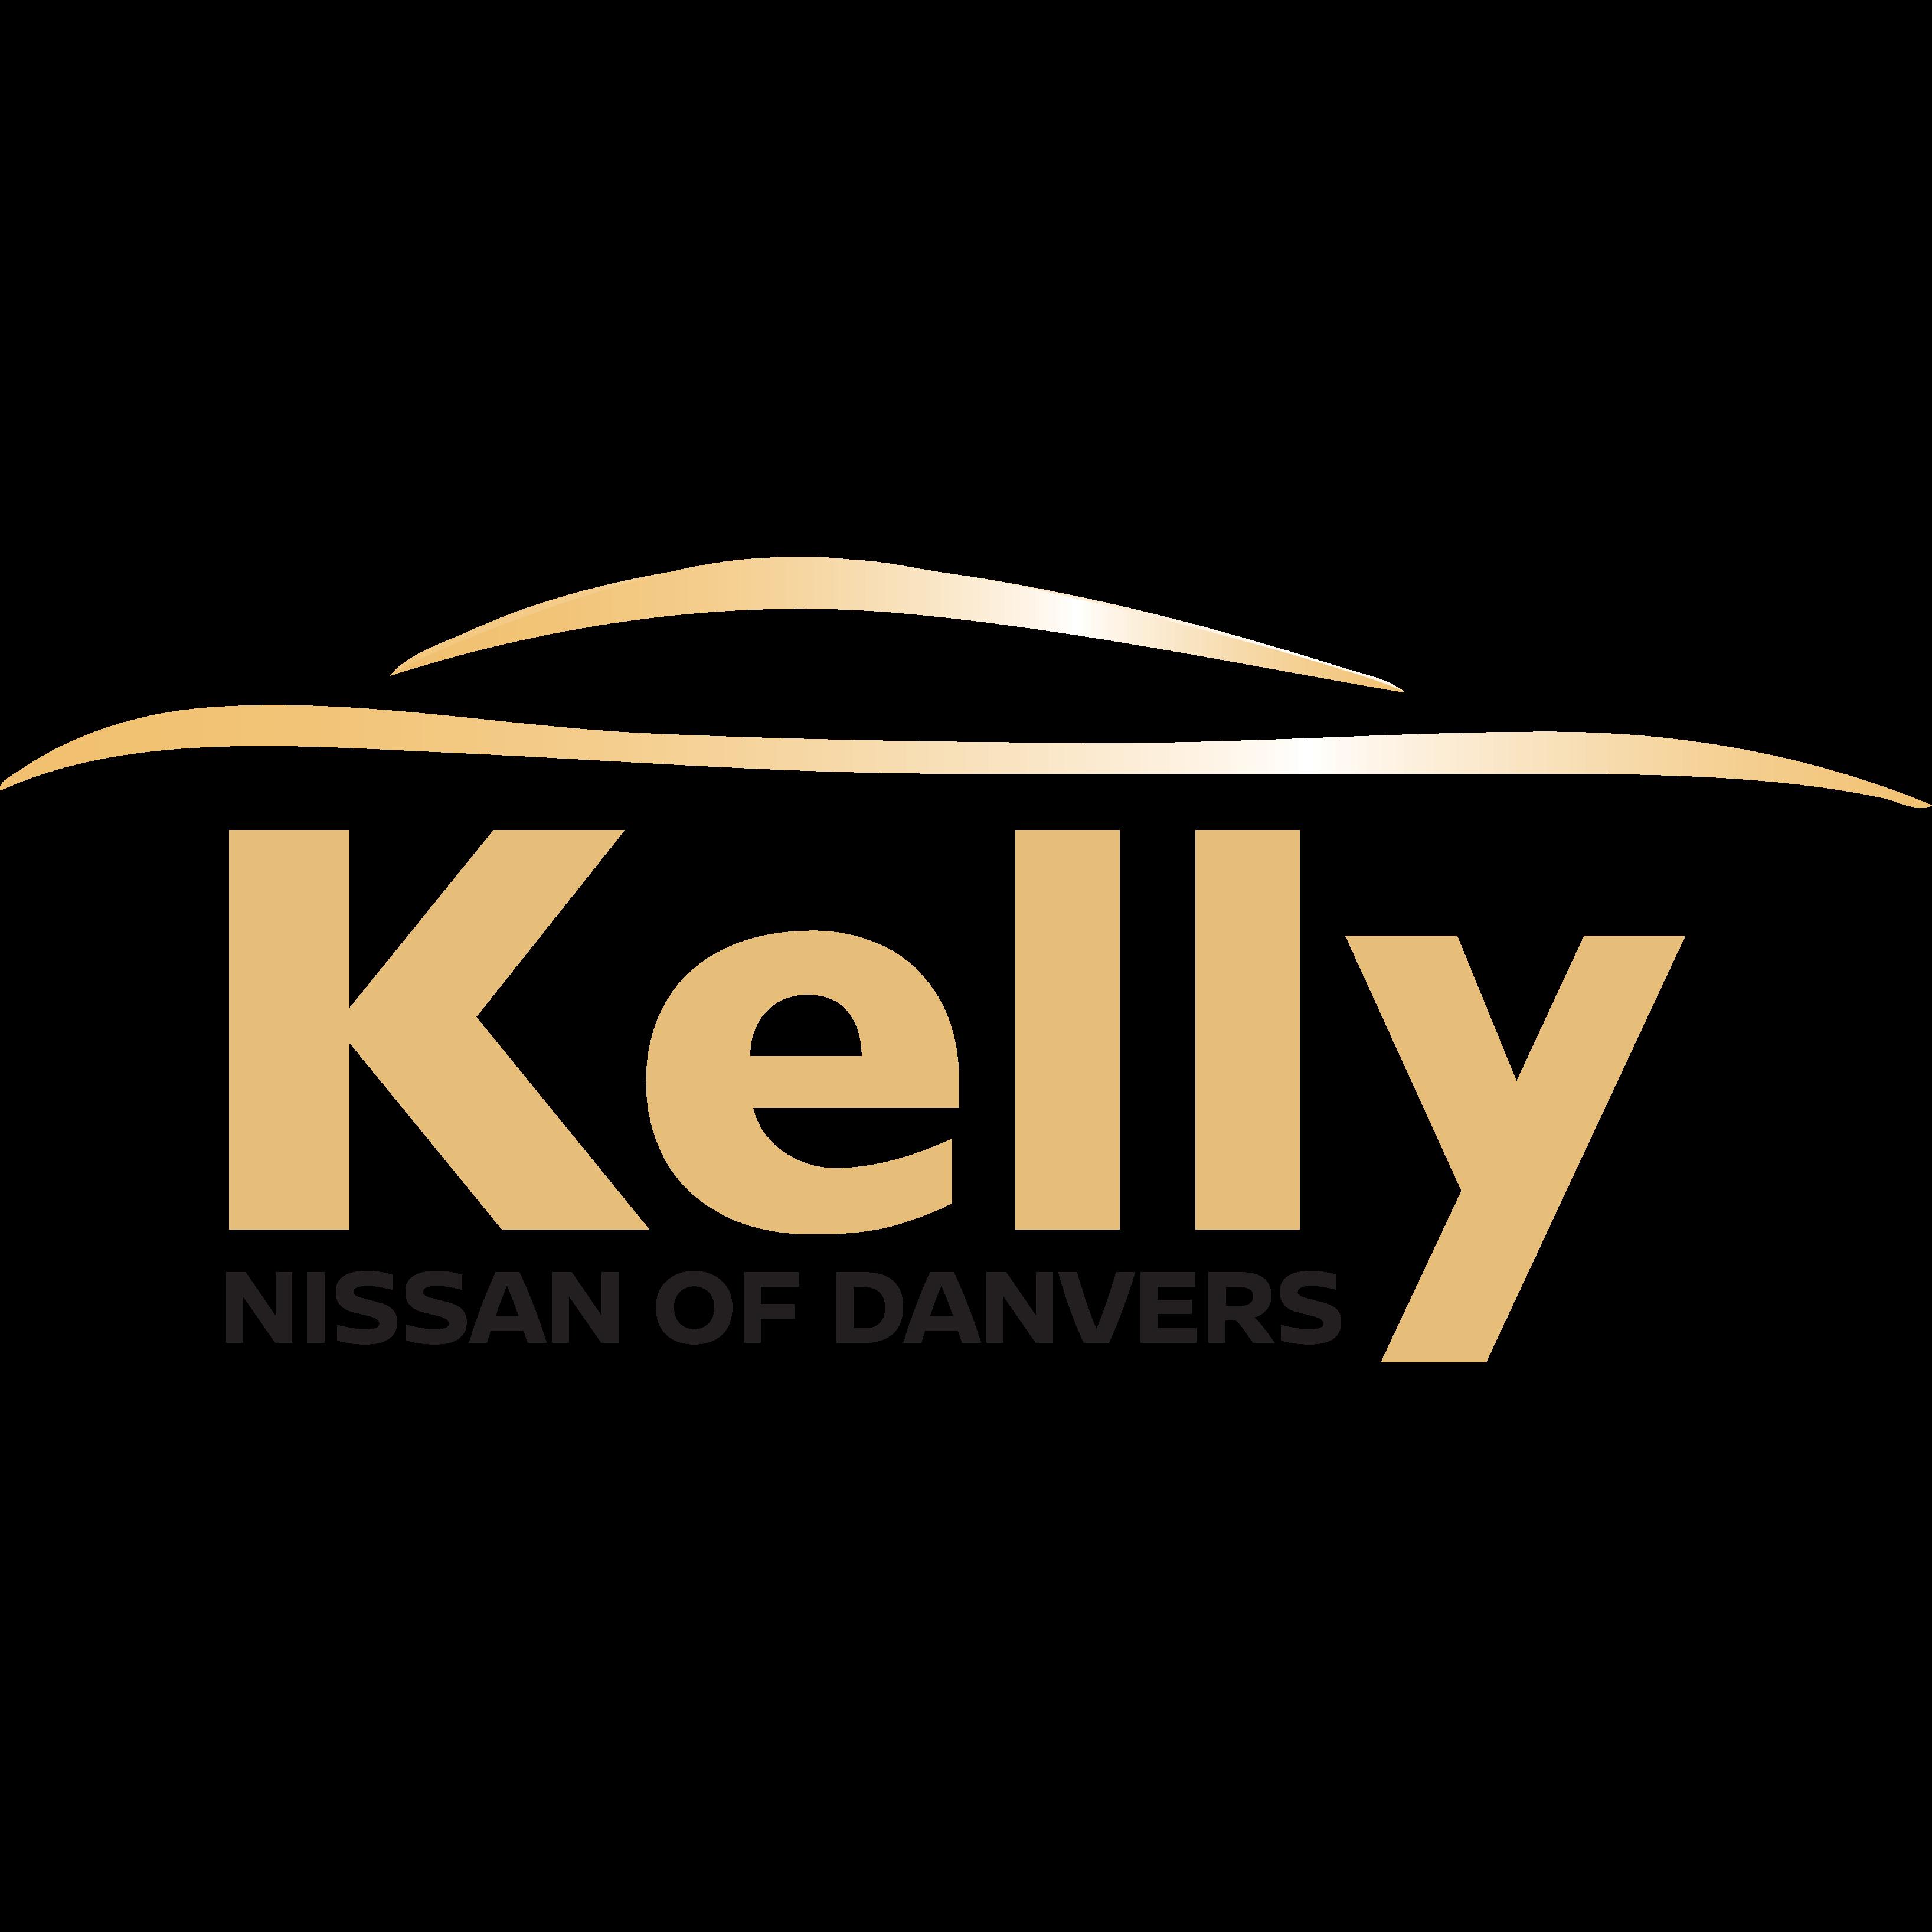 Kelly Nissan of Danvers